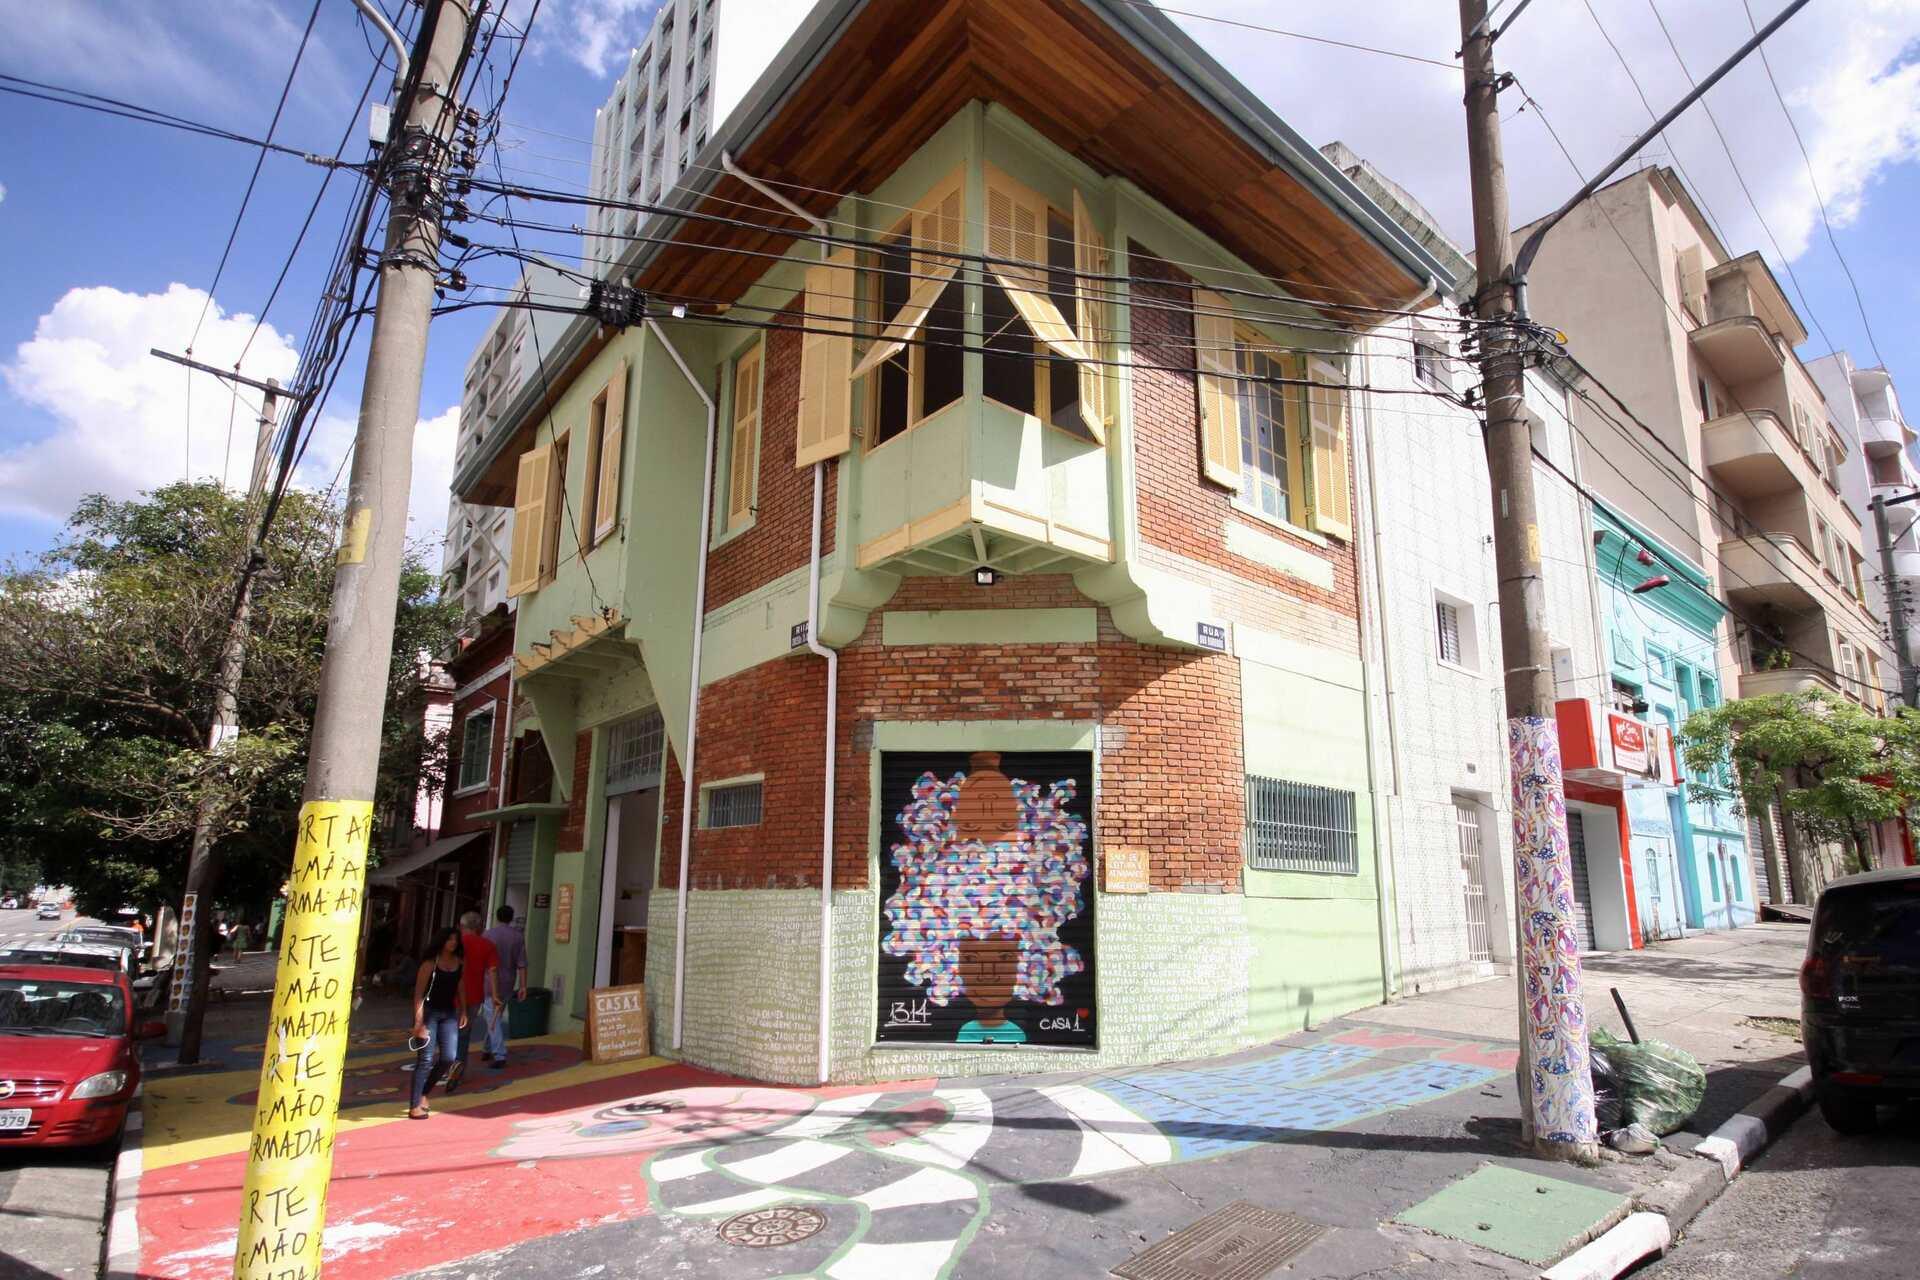 Casa 1, centro de acolhimento de LGBTs em SP